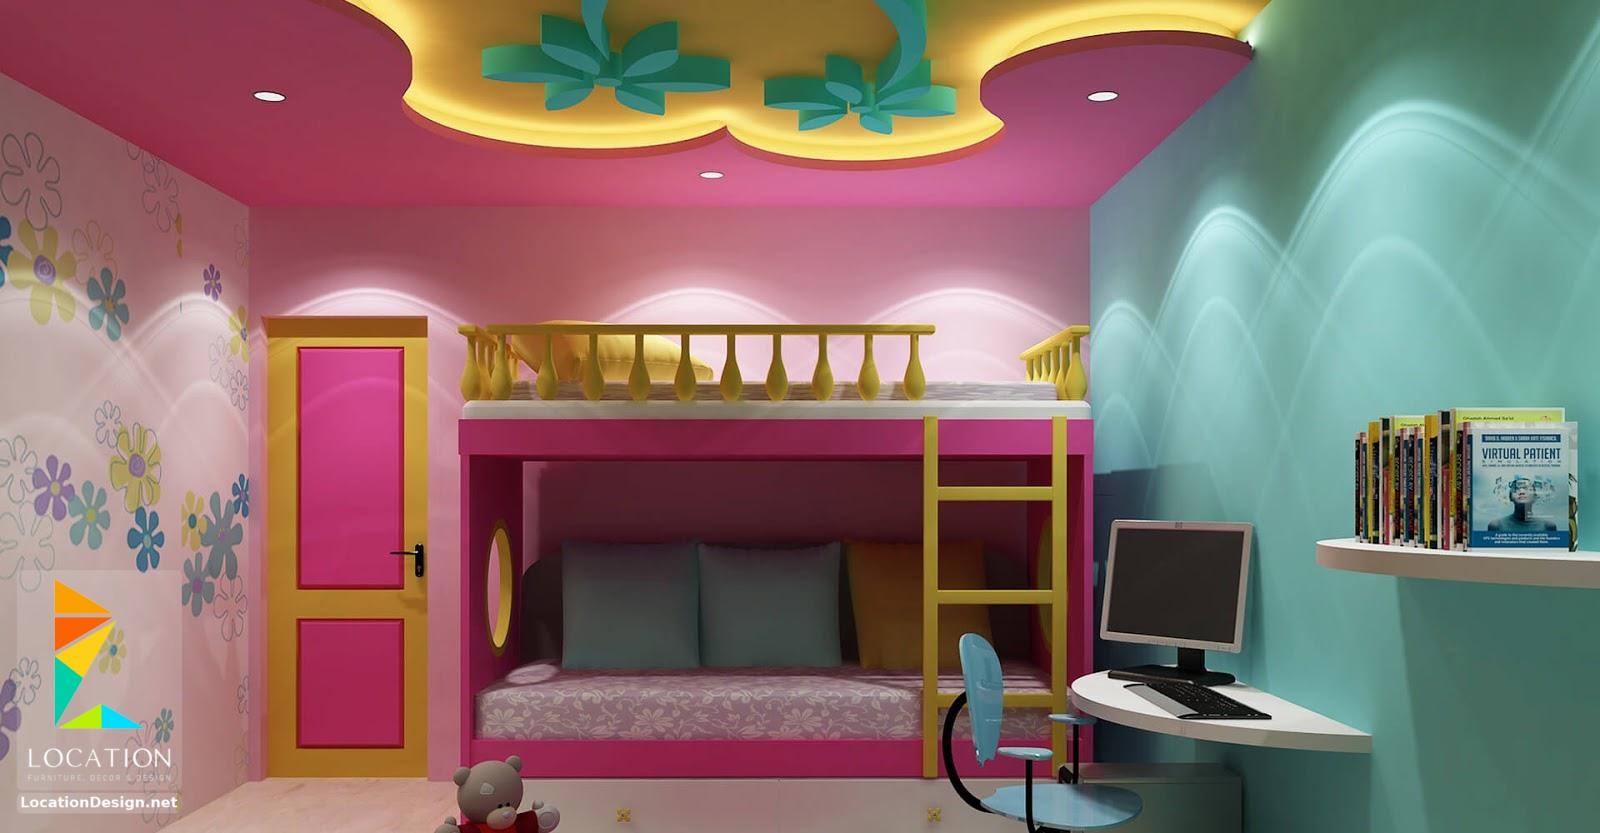 غرف نوم أطفال تناسب كل المساحات وبألوان مبهجة 2019 2020